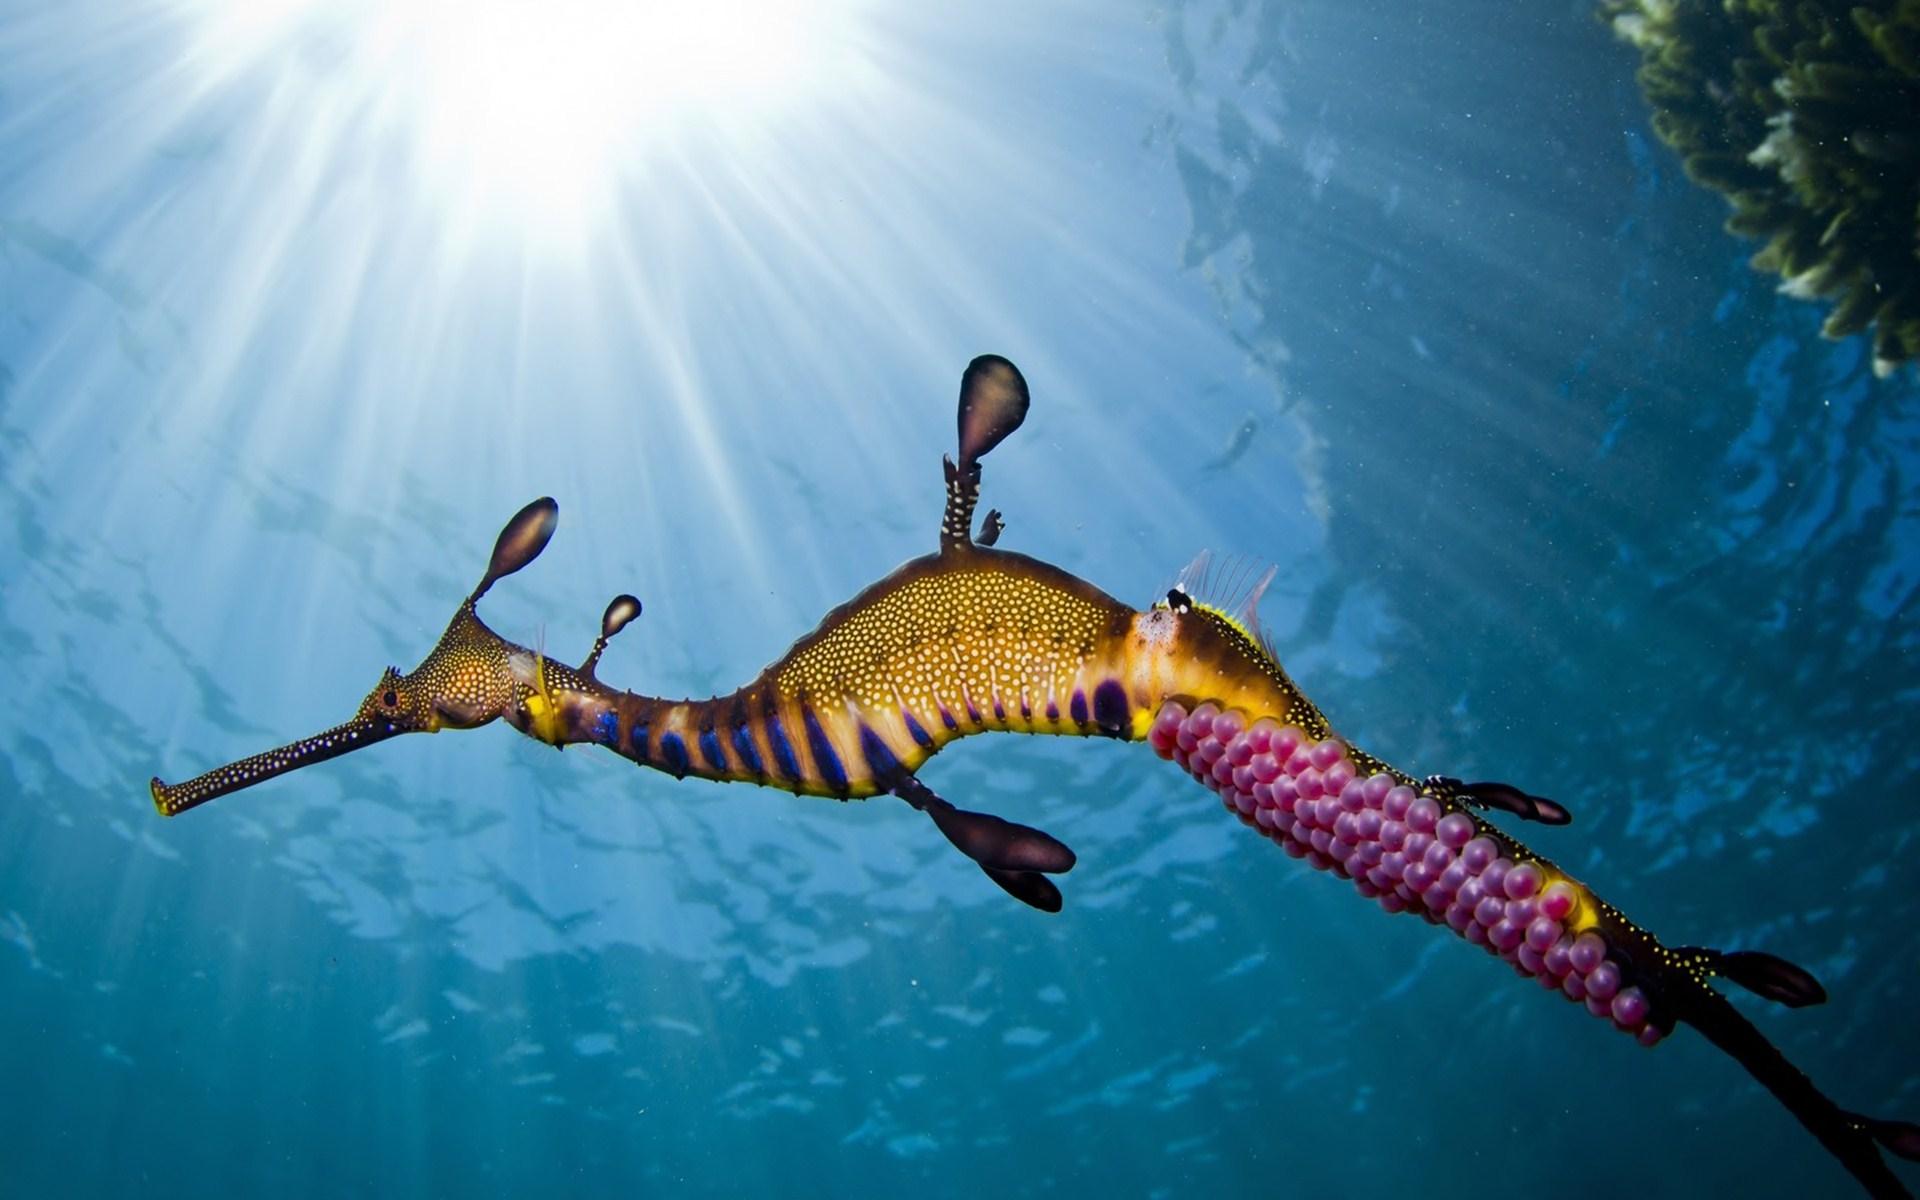 خلفيات وصور بحار احلي صور عن البحر hd (12)